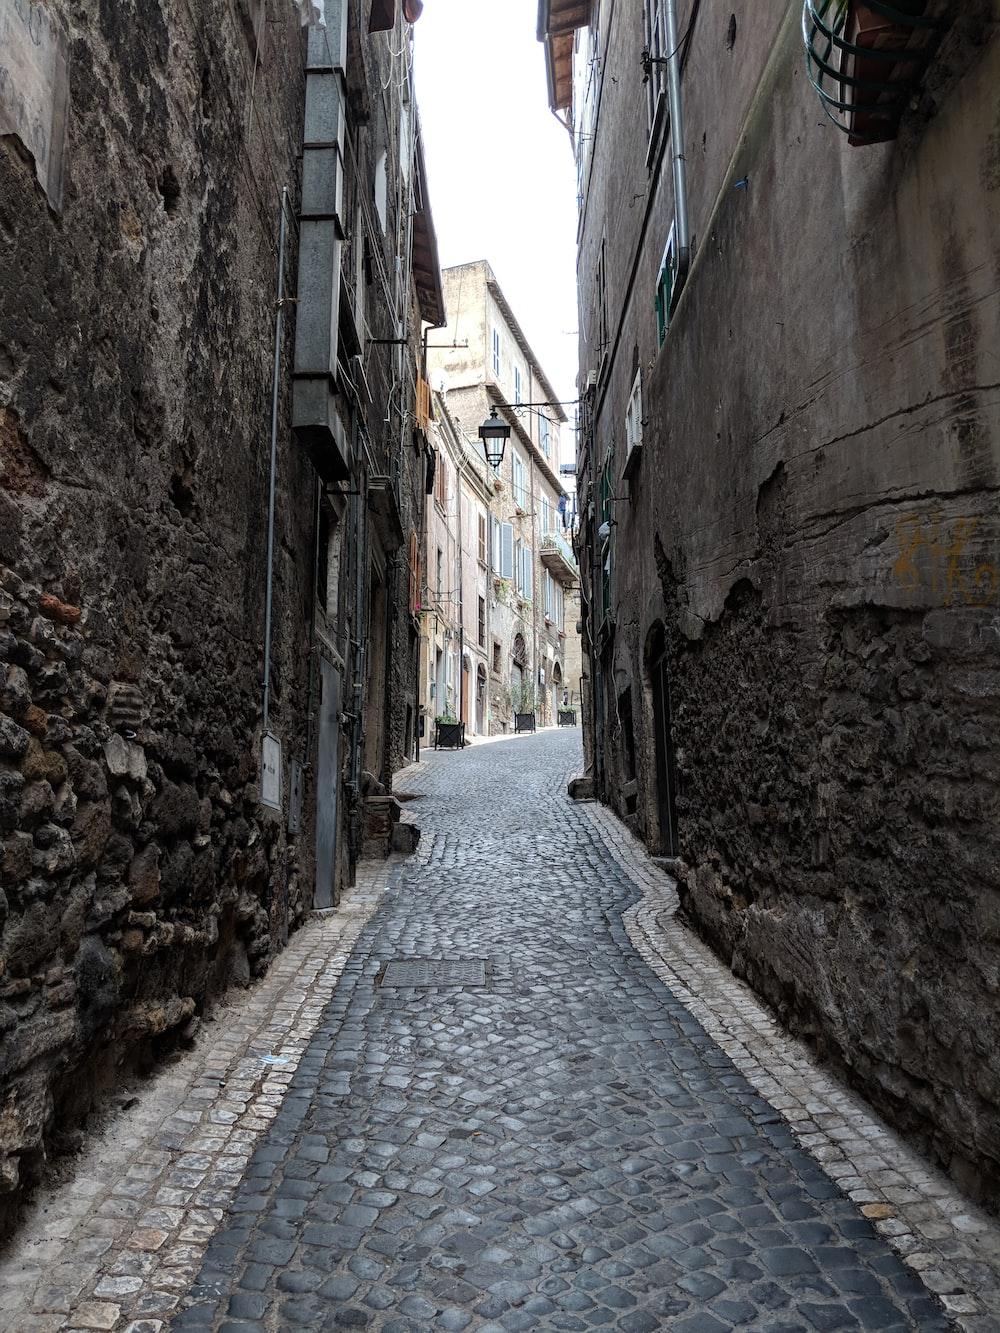 black bricked pavement between buildings